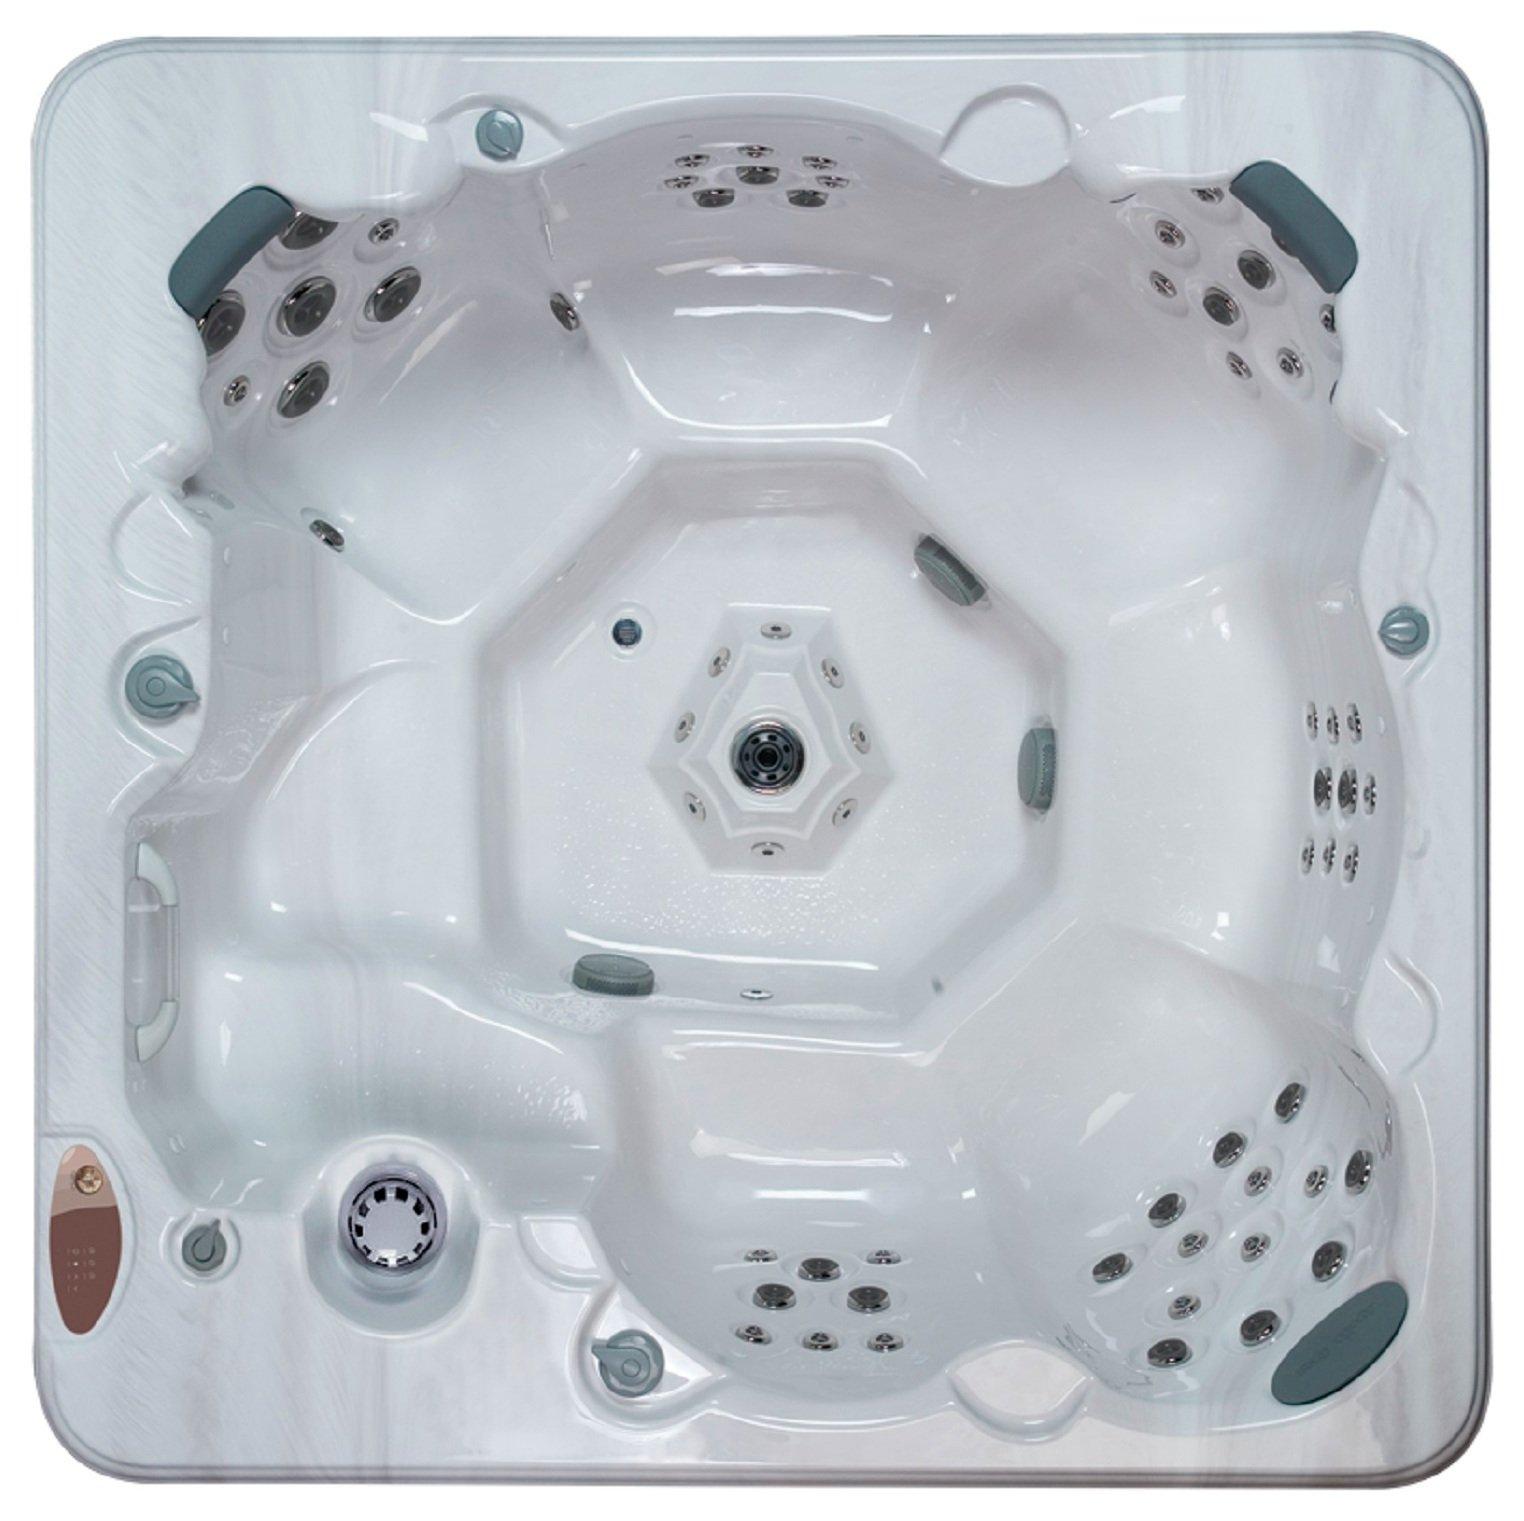 Image of Arctic Spas Laredo Hot Tub